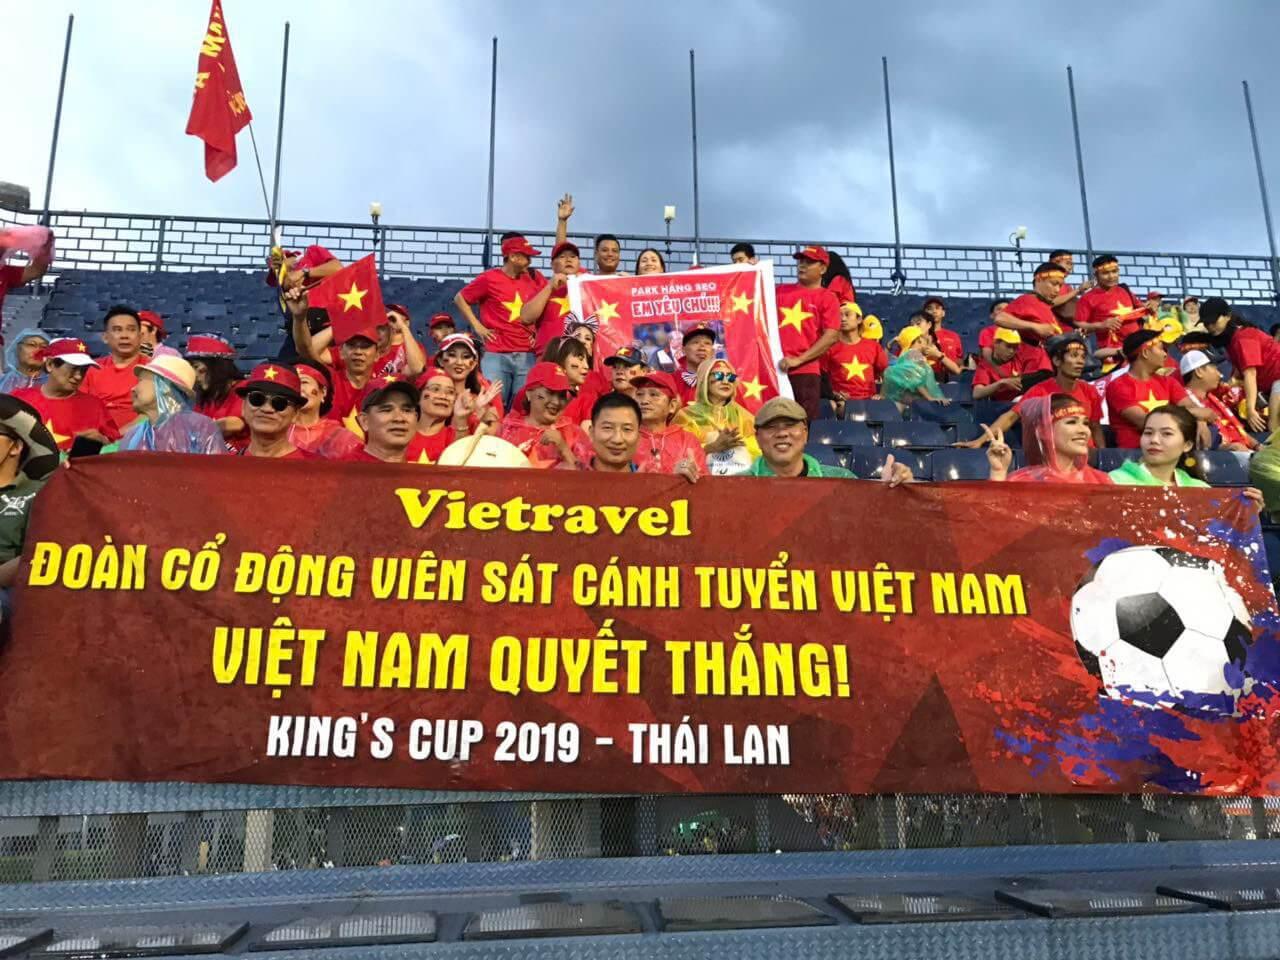 Bay ngay sang Thái, 'cháy' hết mình cùng đội tuyển Việt Nam tranh chức vô địch King's Cup 2019